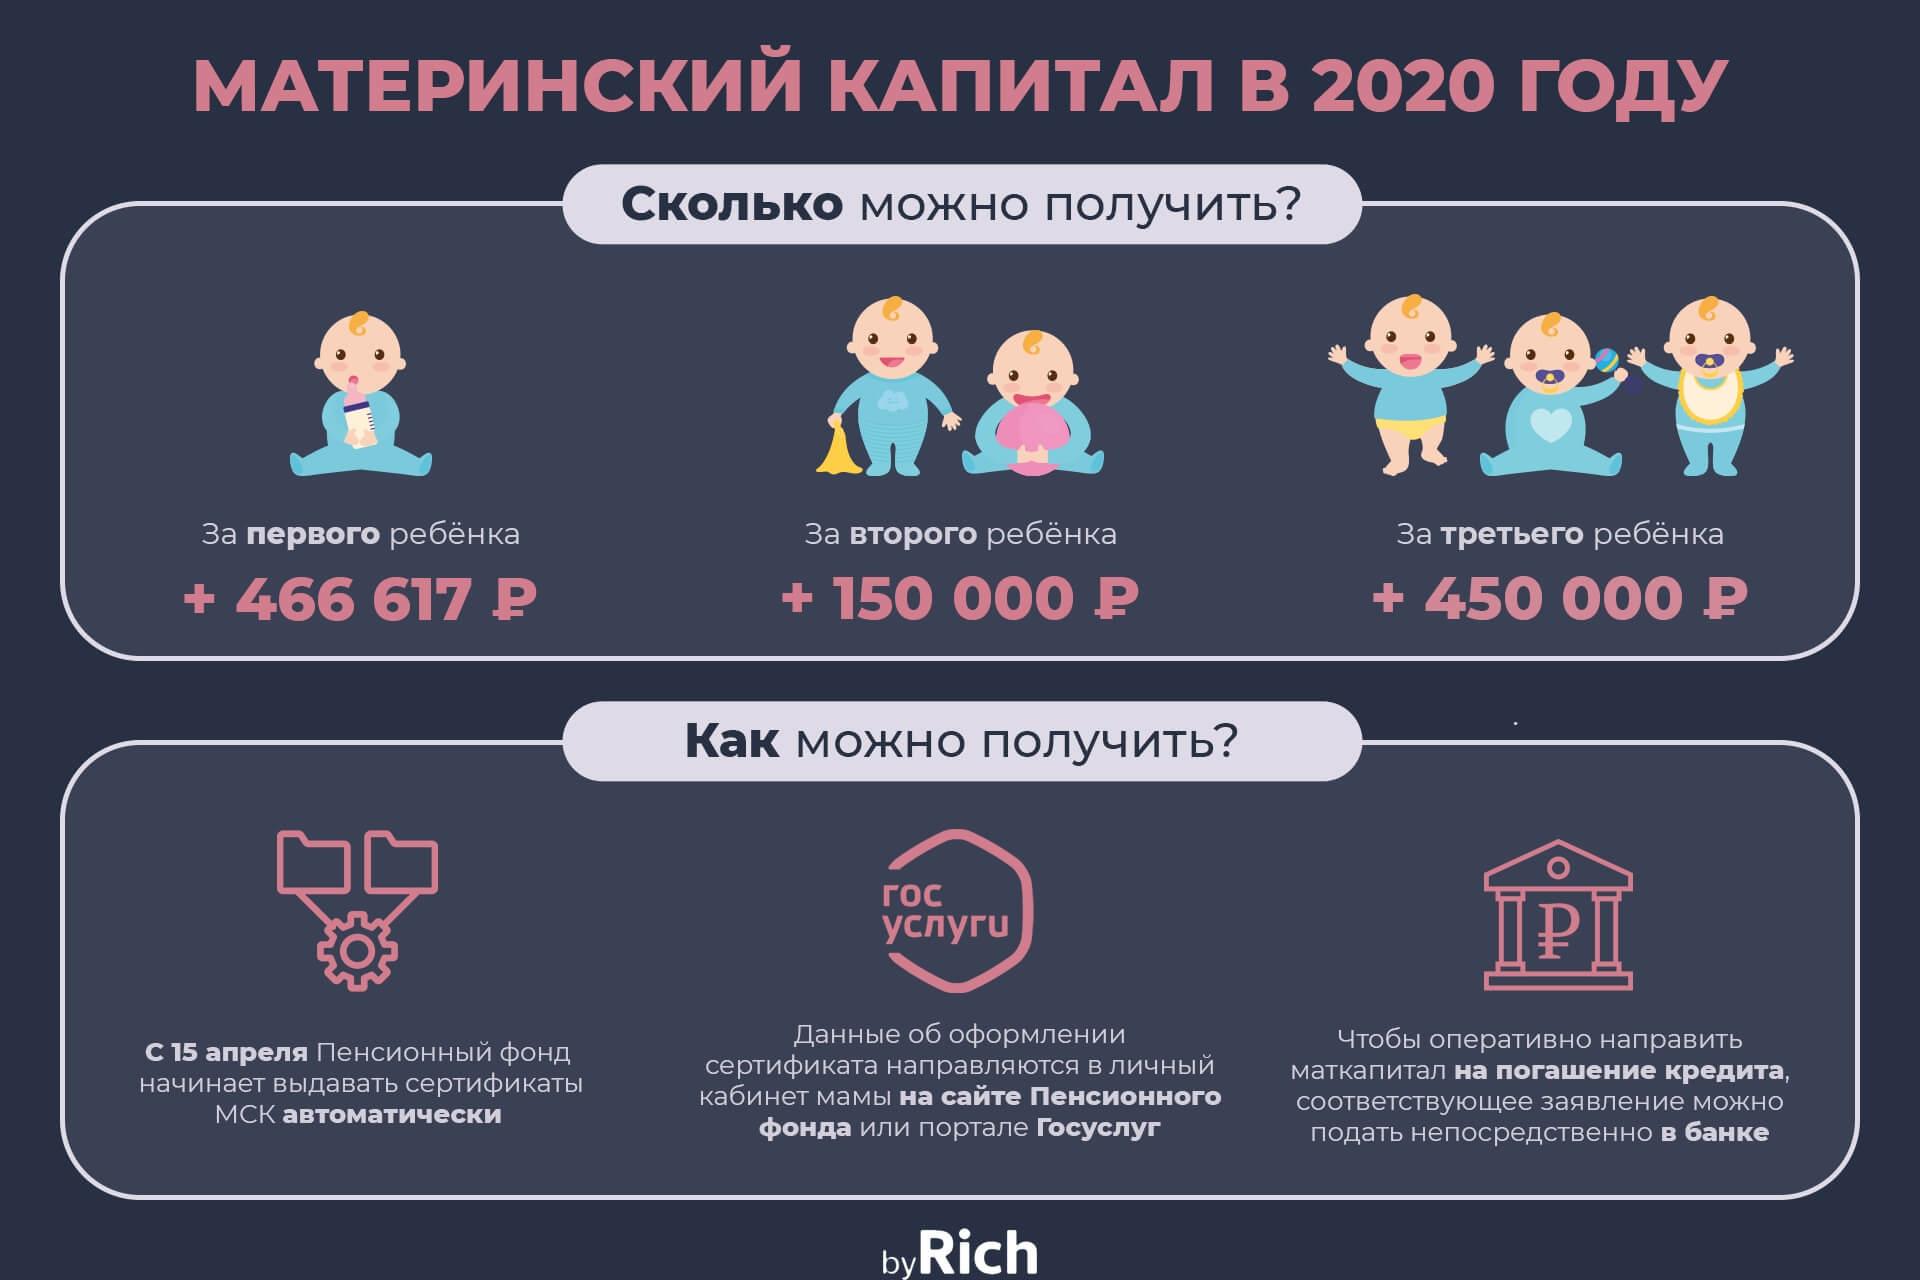 Льготная ипотека под 6,5% годовых в 2020 году